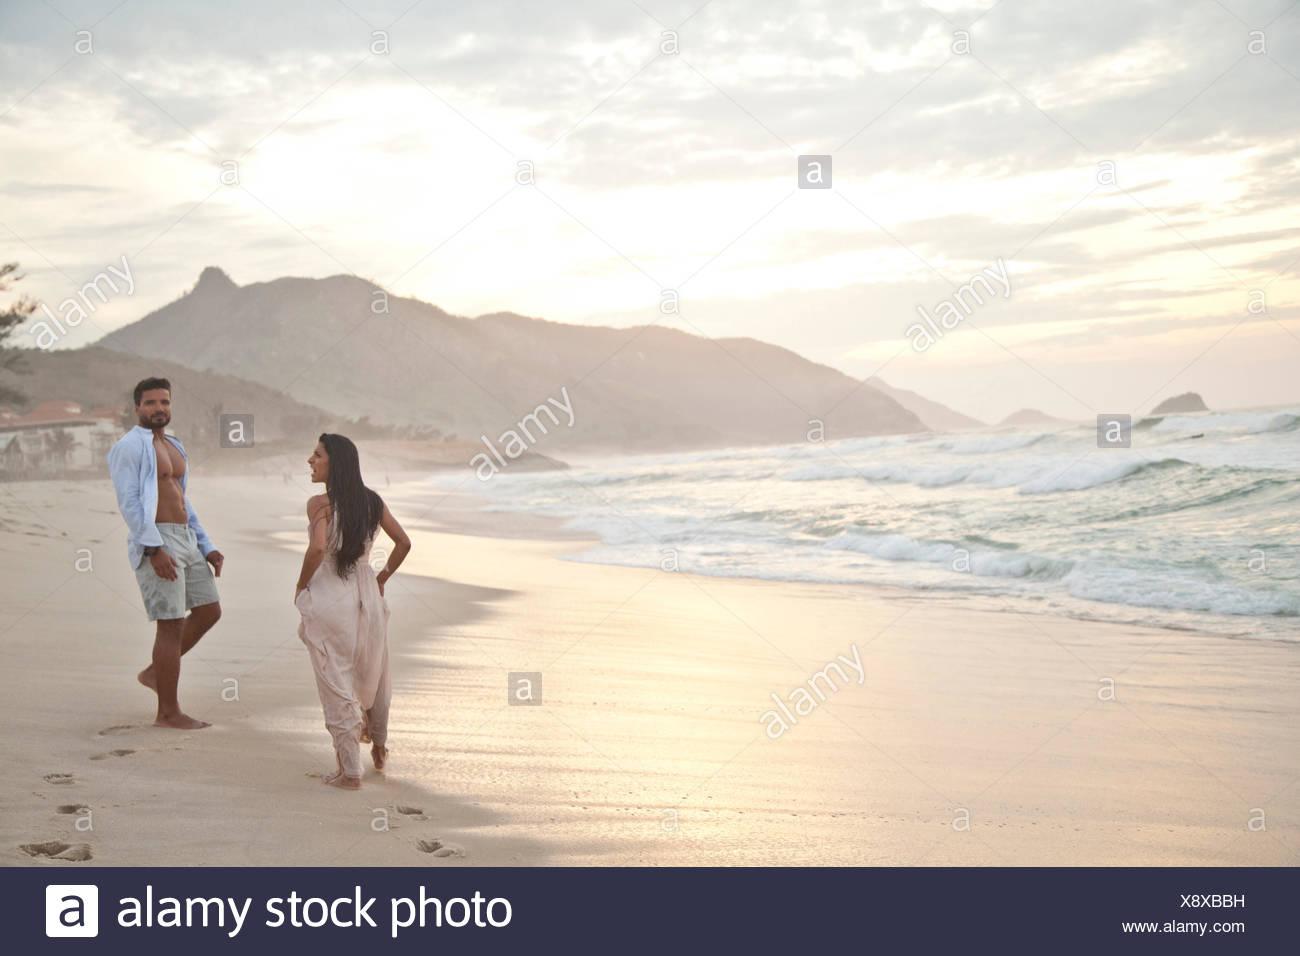 Adulto medio par en la playa, Río de Janeiro, Brasil Imagen De Stock